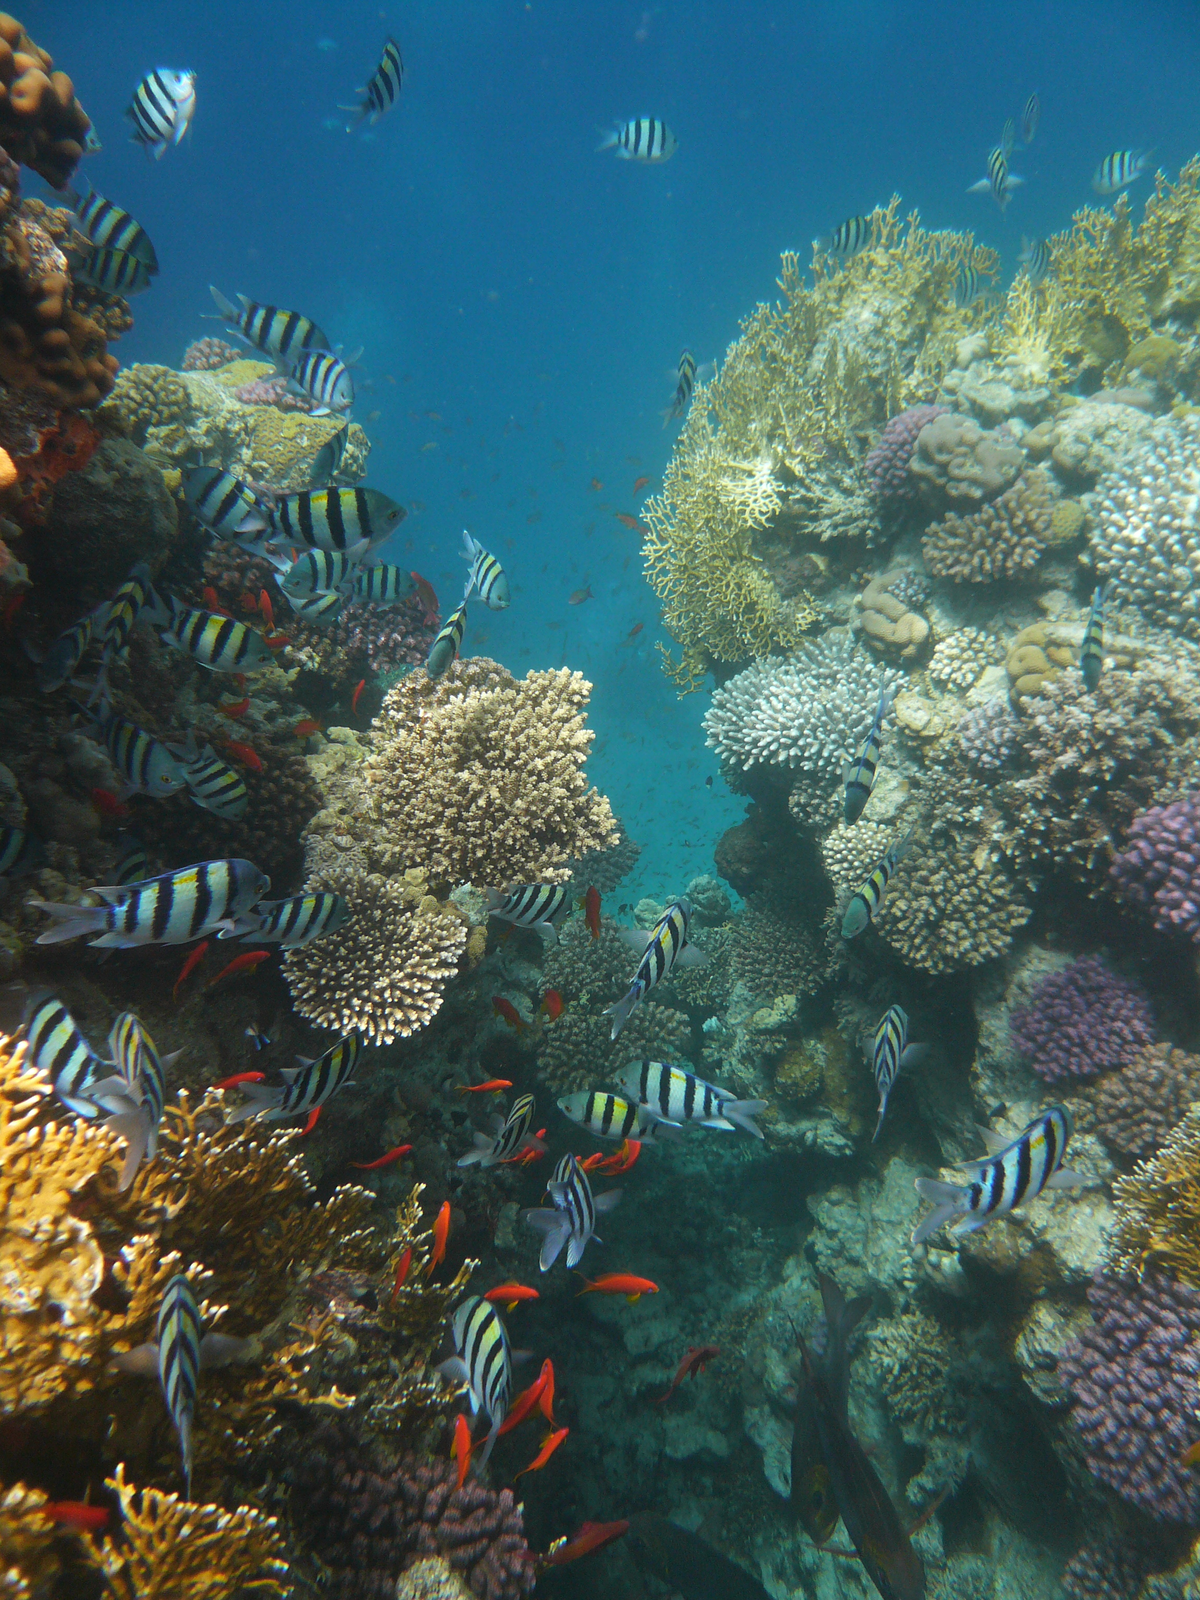 Wgalerii znajdują się fotografie przedstawiające bogactwo życia na rafie koralowej. Fotografia przedstawia rafę koralową. Tworzą ją kolonie wielobarwnych koralowców. Jamochłony mają różne kształty. Między nimi pływają czerwone ipasiaste ryby.